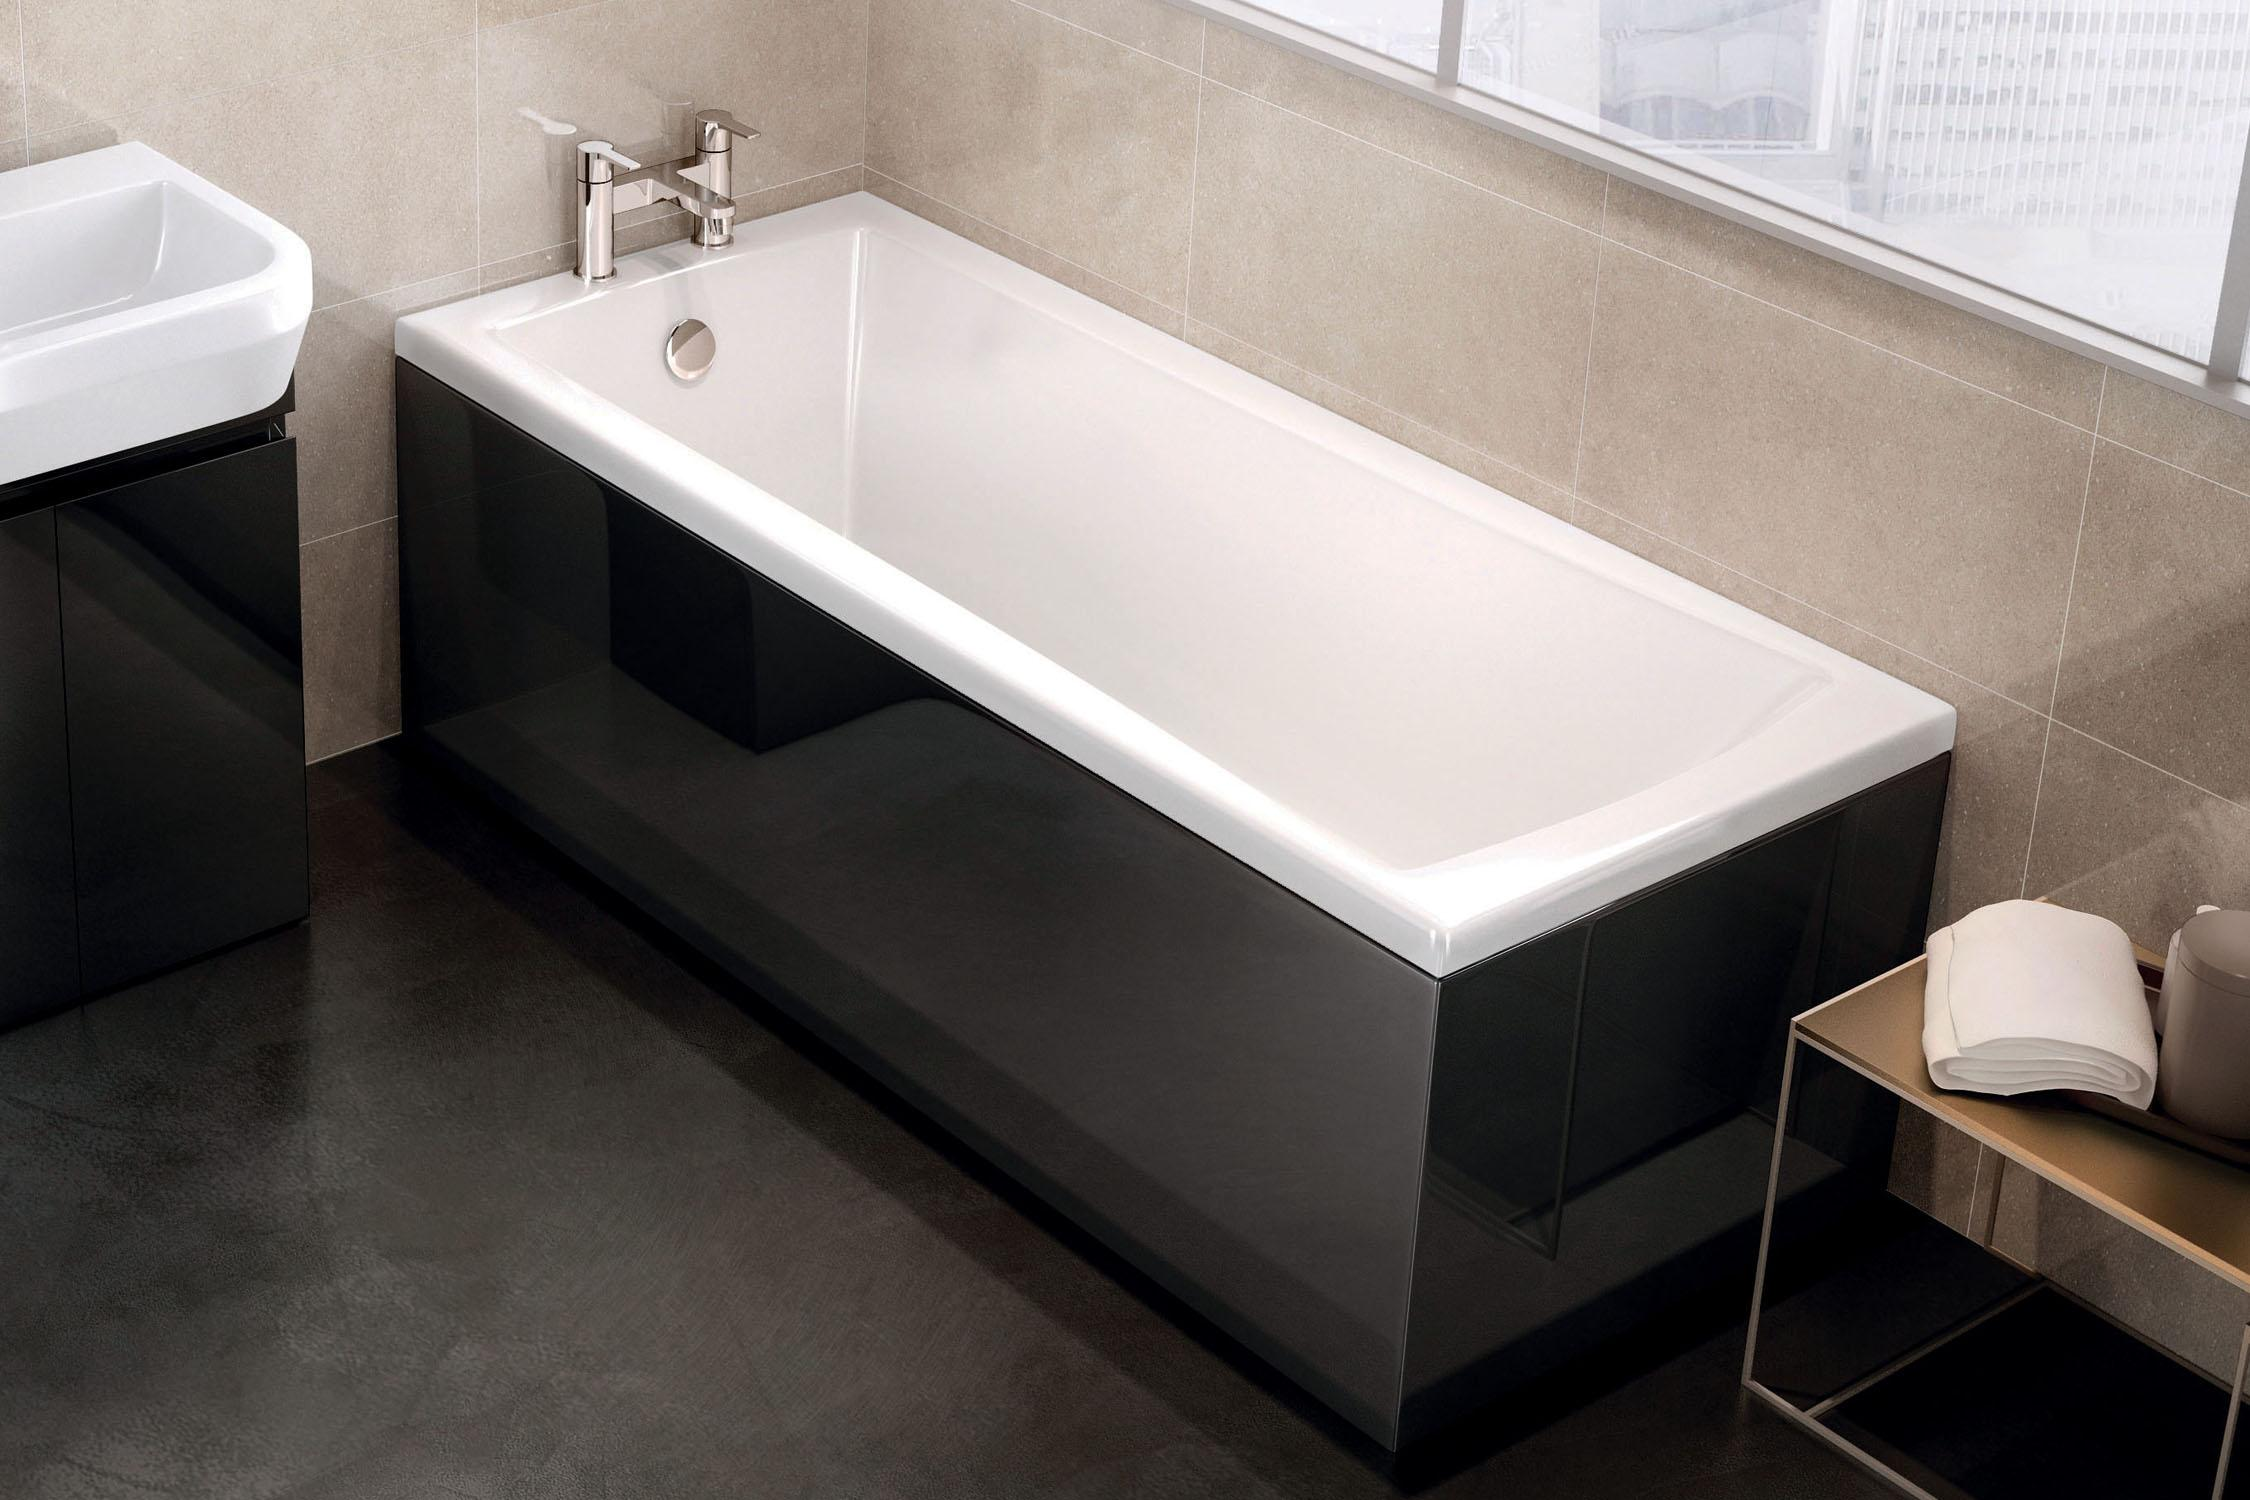 Refaire le revêtement de votre baignoire